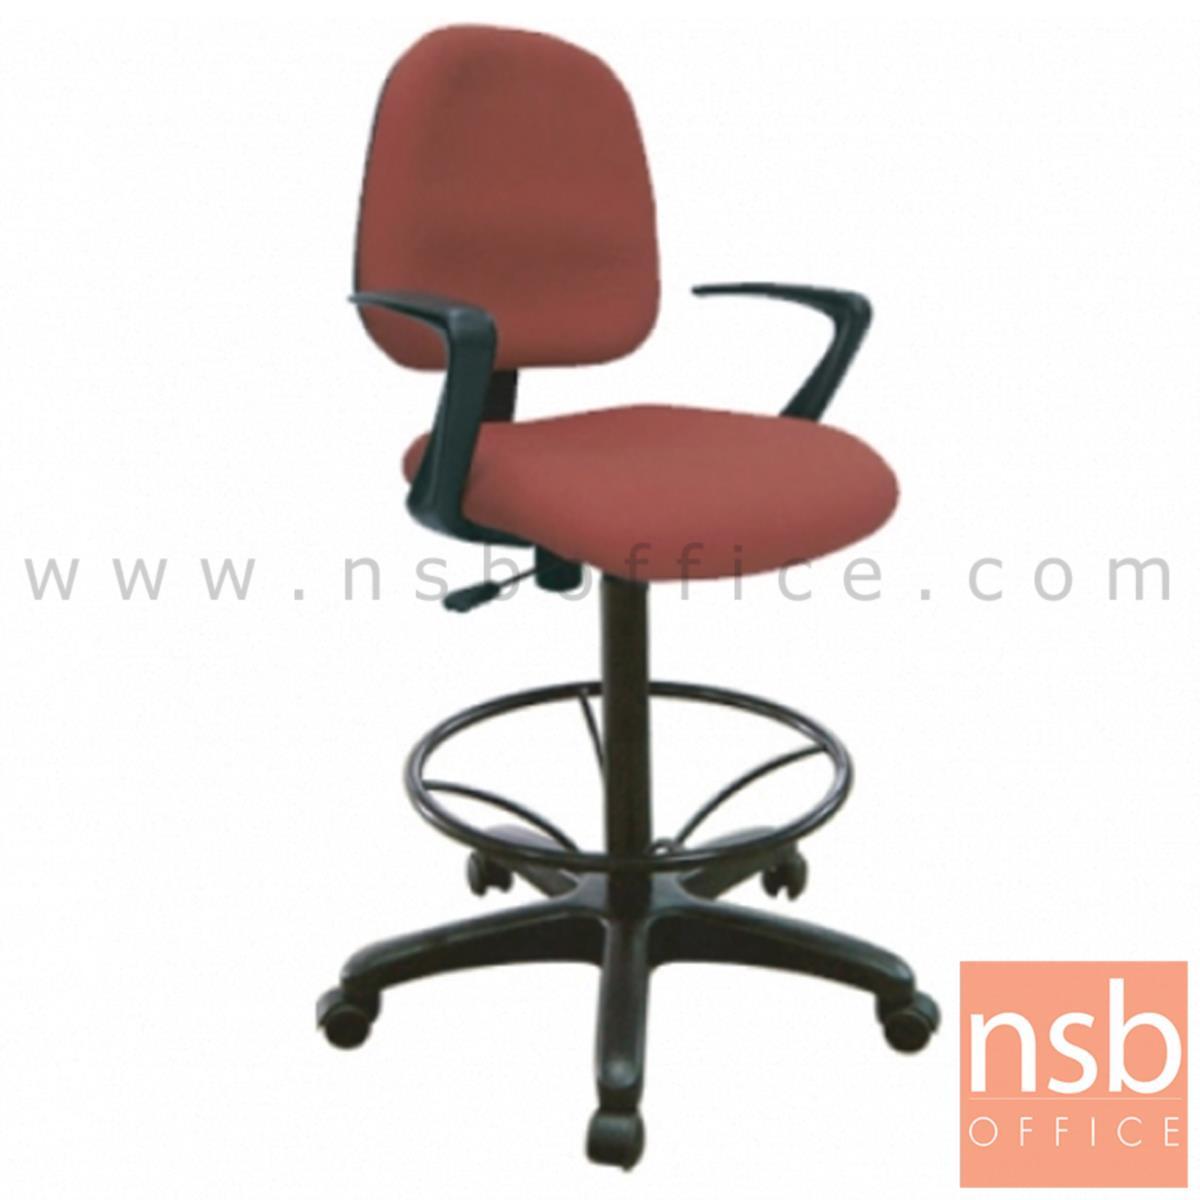 B02A060:เก้าอี้บาร์ที่นั่งเหลี่ยมล้อเลื่อน รุ่น Scrow (สโครว์)  มีก้อนโยก ขาพลาสติกแบบตัน